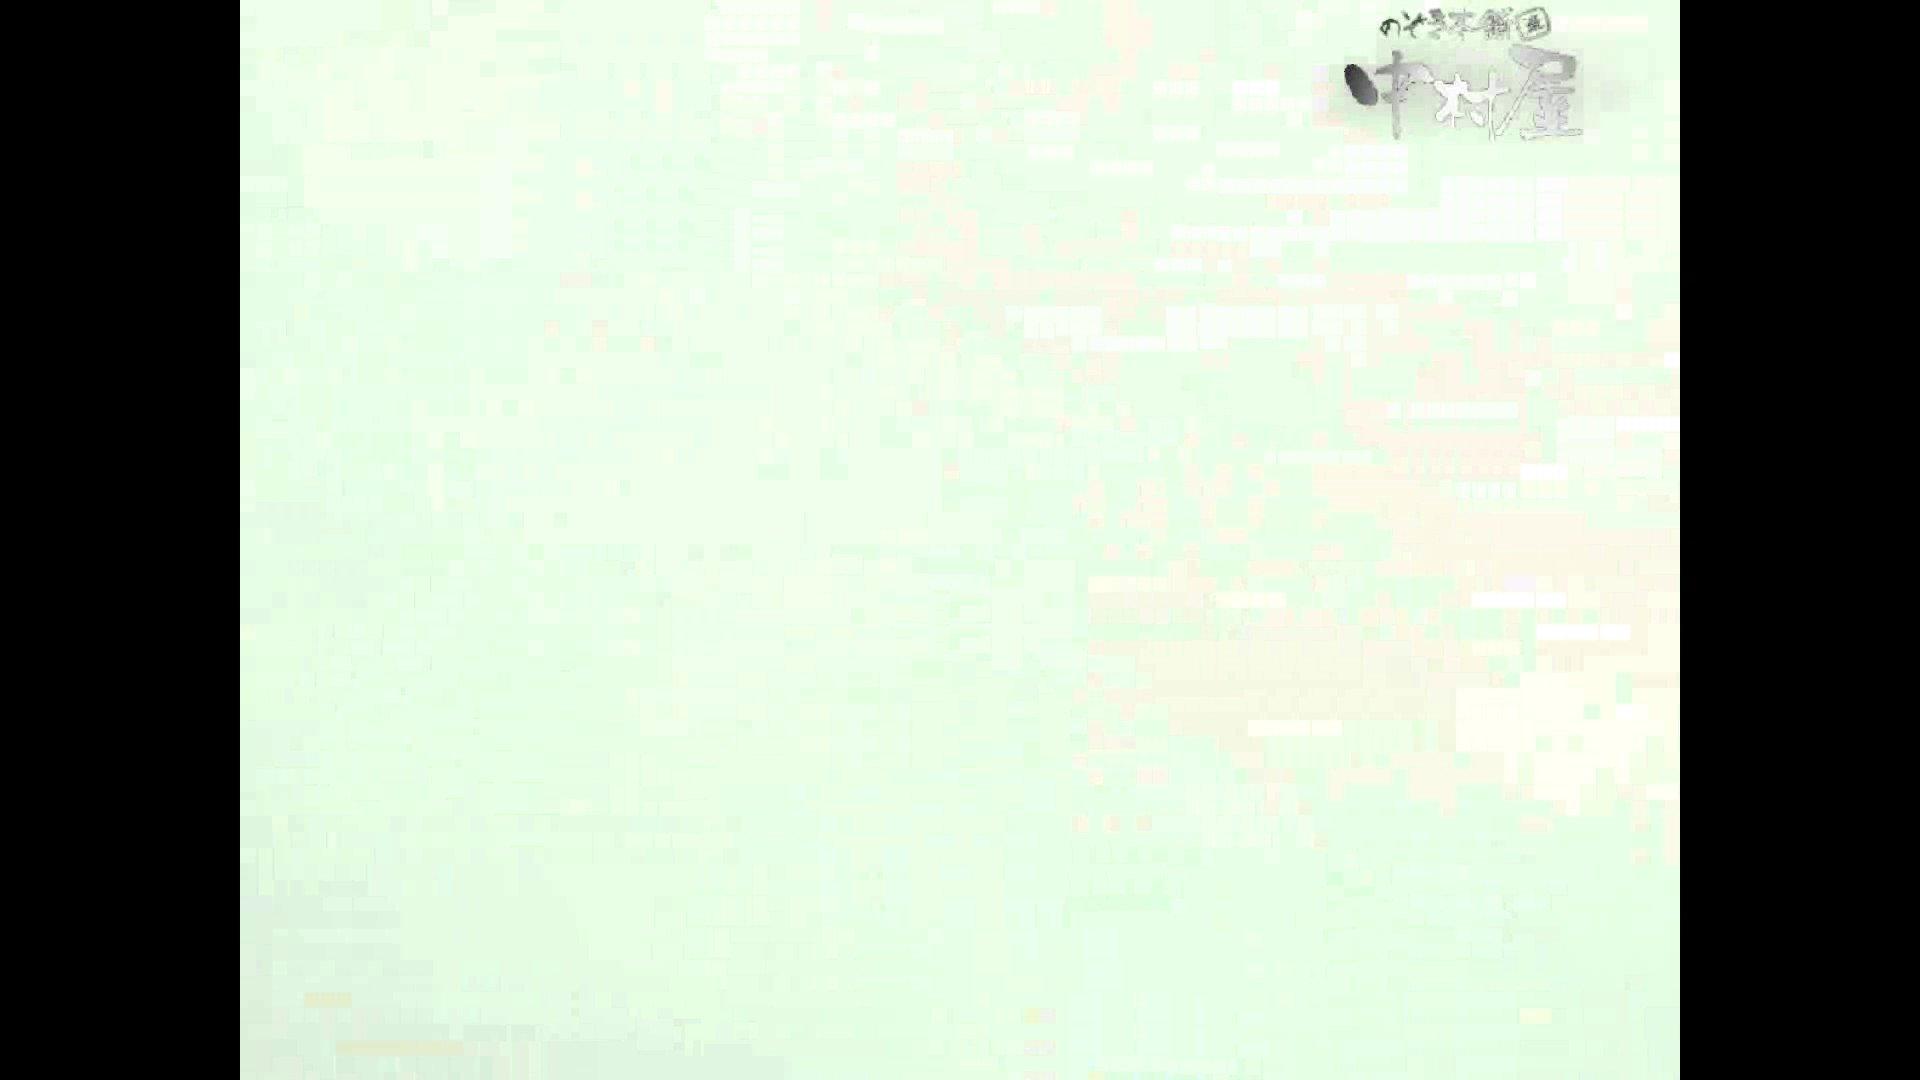 岩手県在住盗撮師盗撮記録vol.40 排泄編  87PIX 48